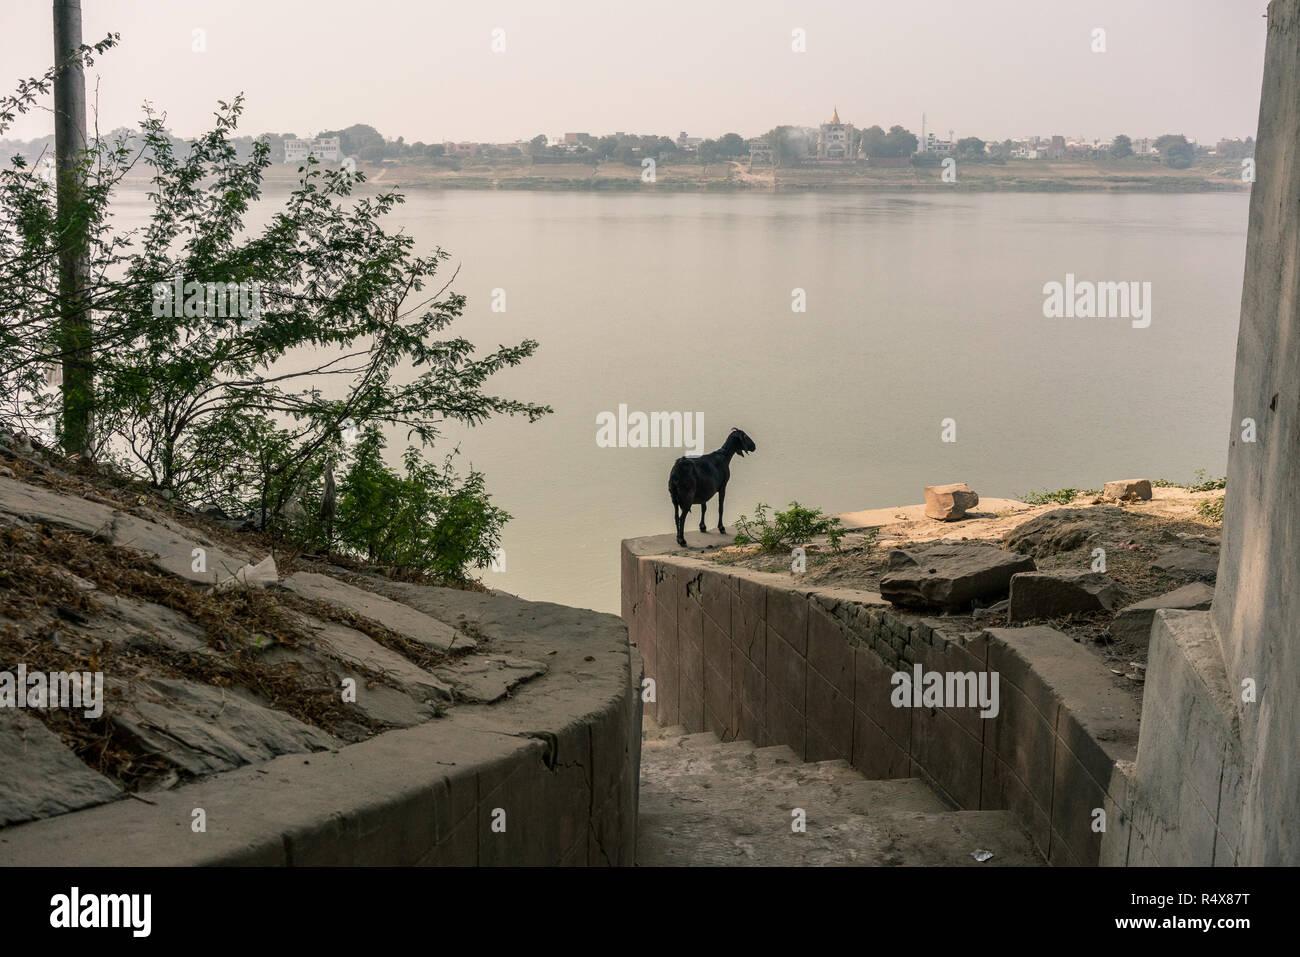 Images d'art trouvés dans les activités quotidiennes de la vie en marchant dans les ruelles du quartier de Varanasi, en Inde. Photo Stock